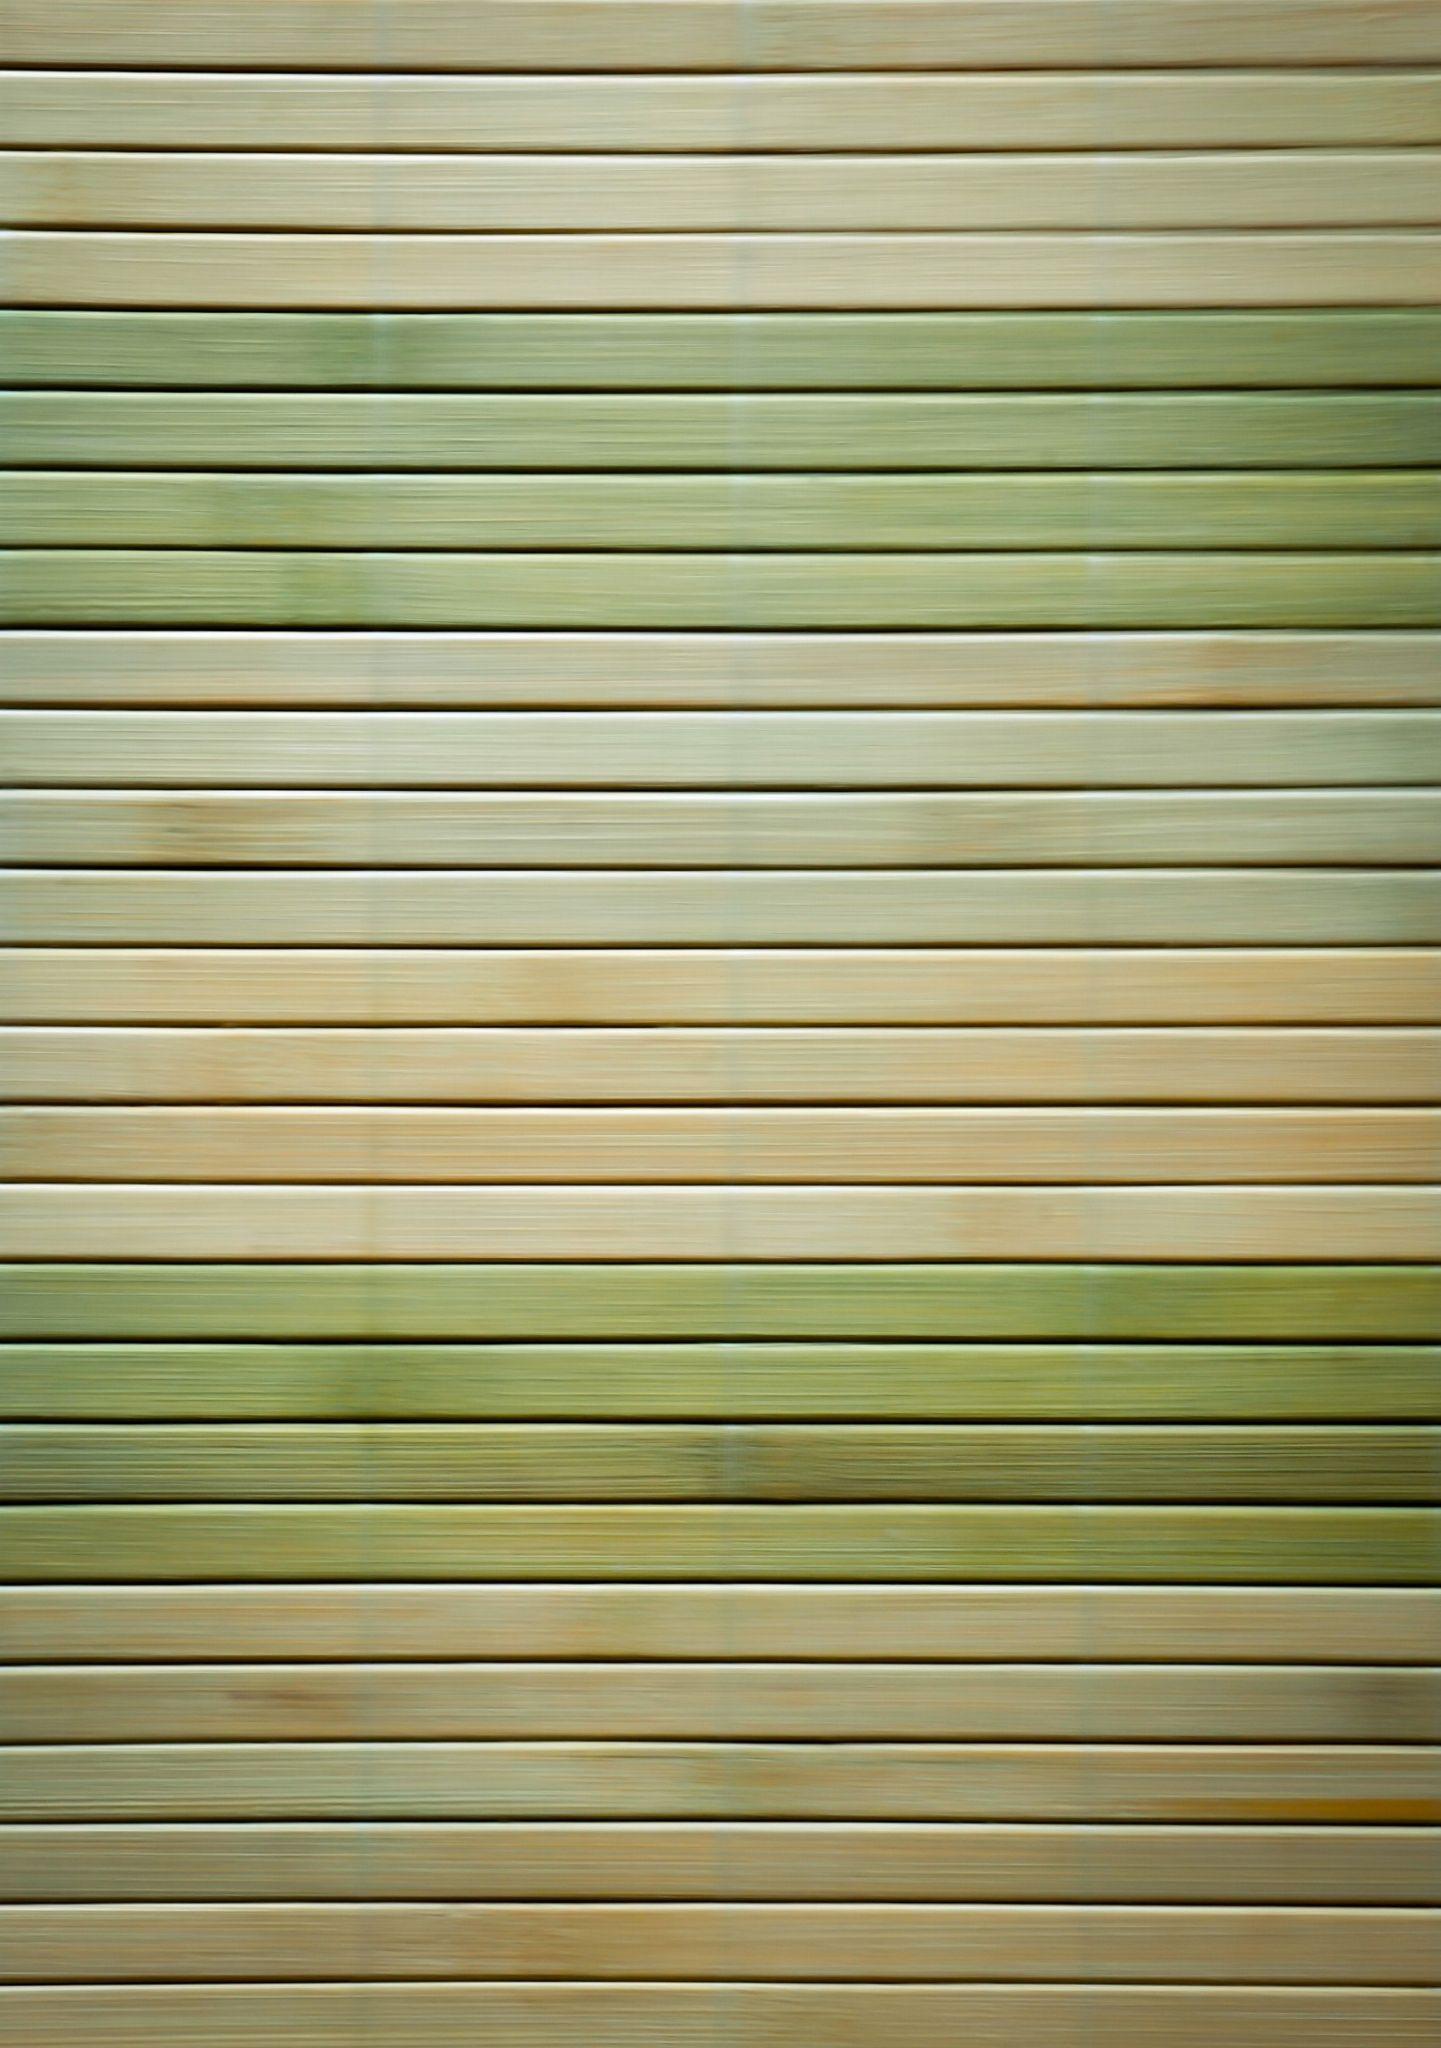 Blurred Bamboo Mat Bamboo Bamboo Mat Wallpaper Backgrounds